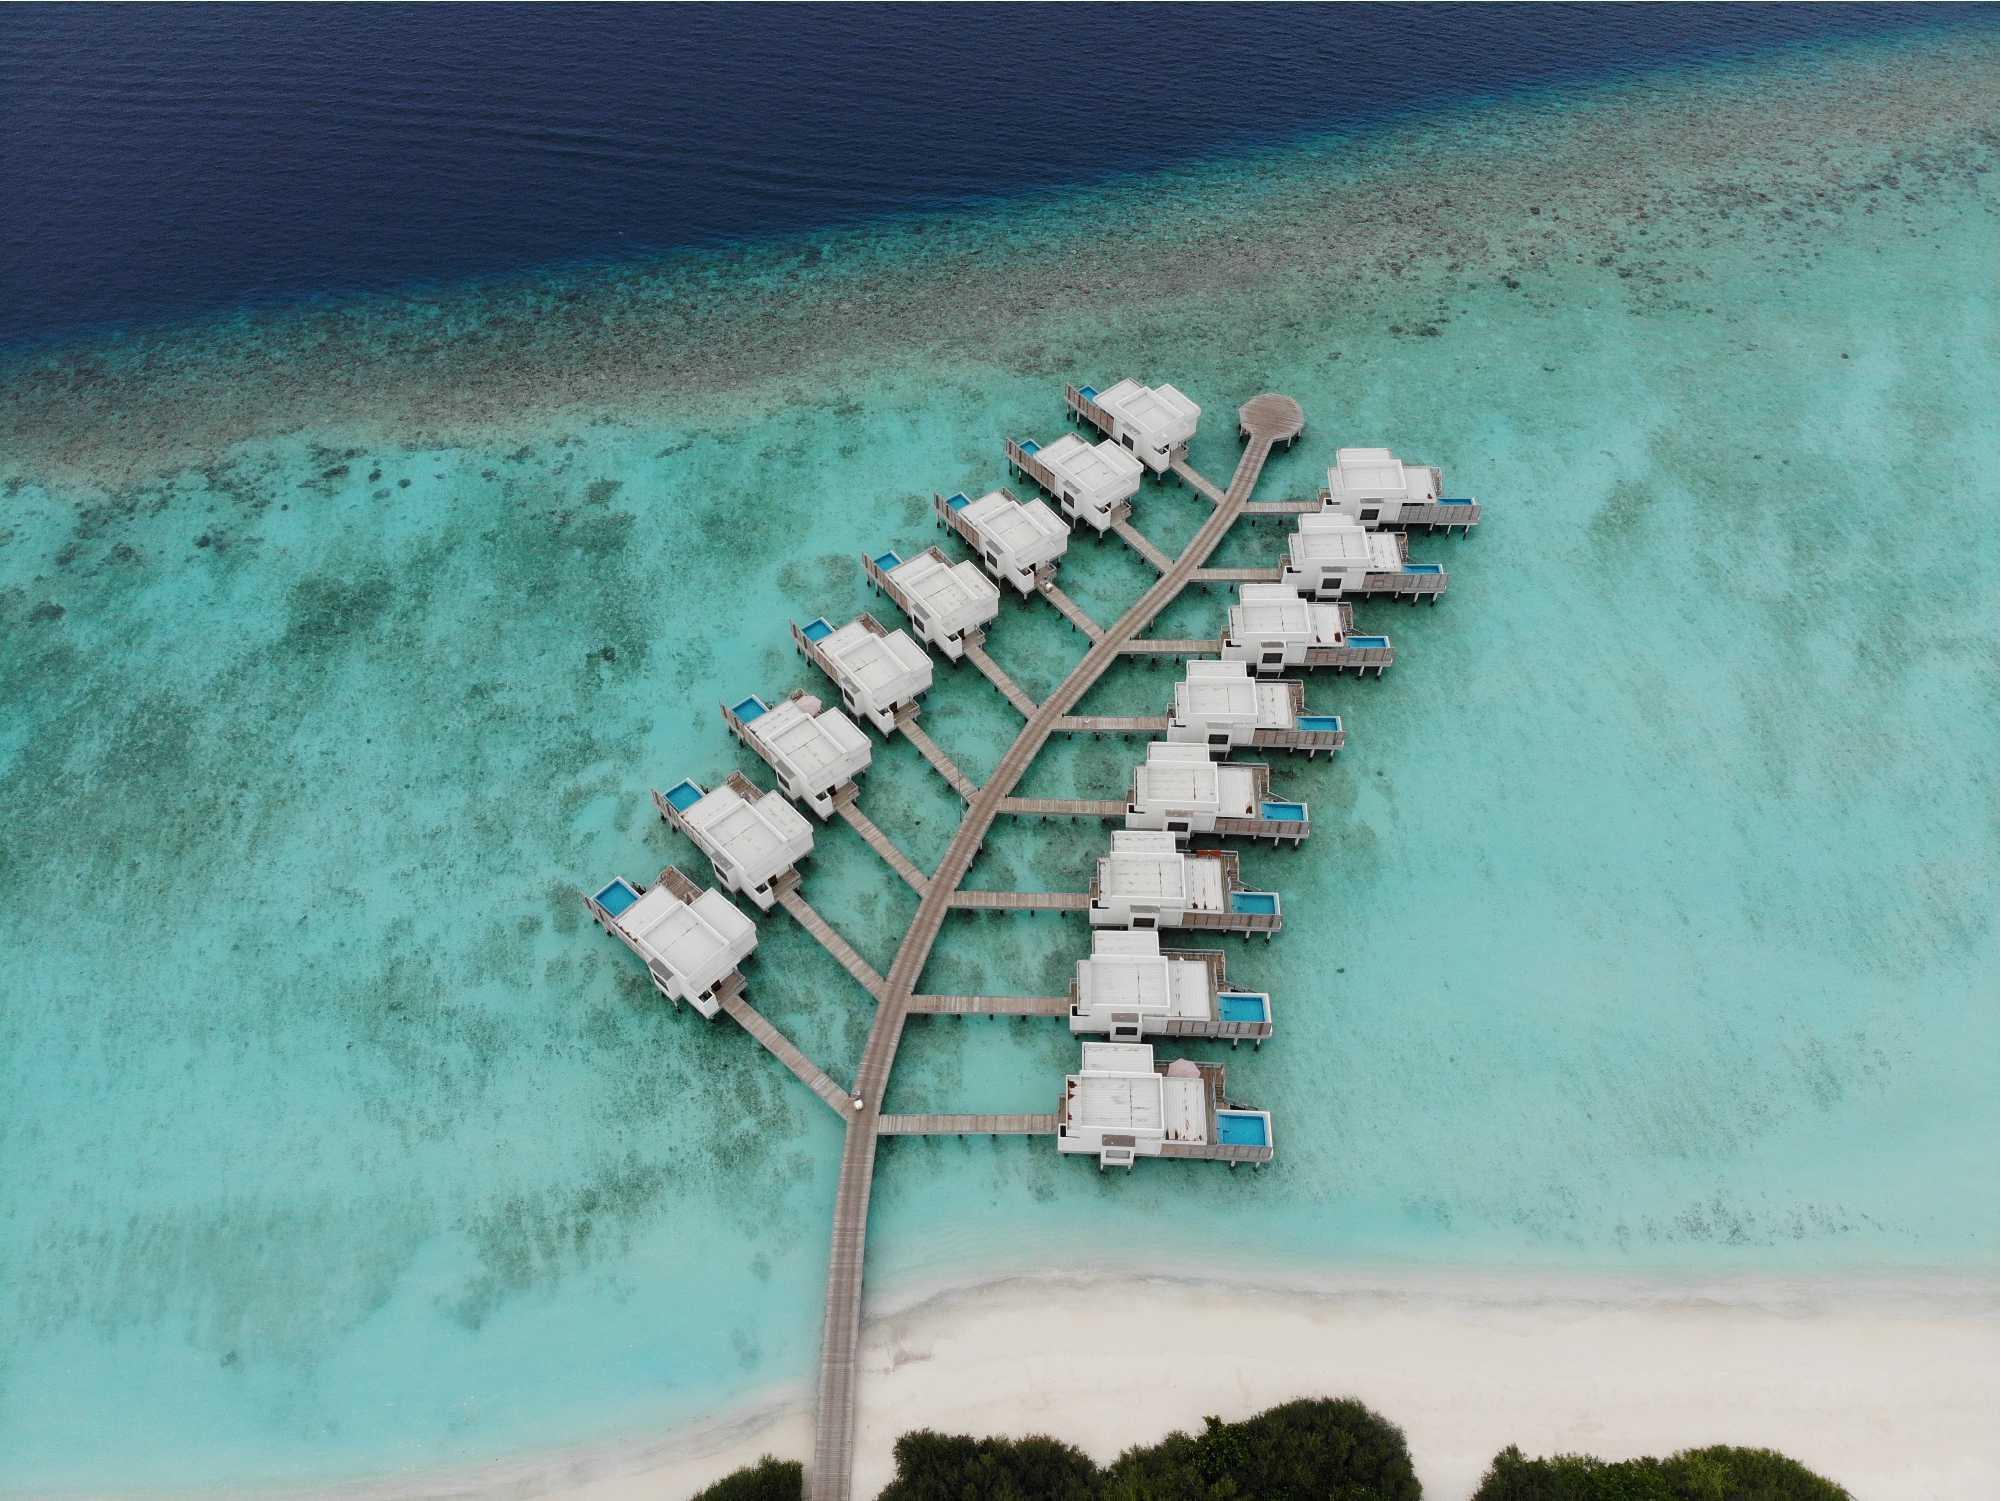 Luxury Resort for Destination Wedding